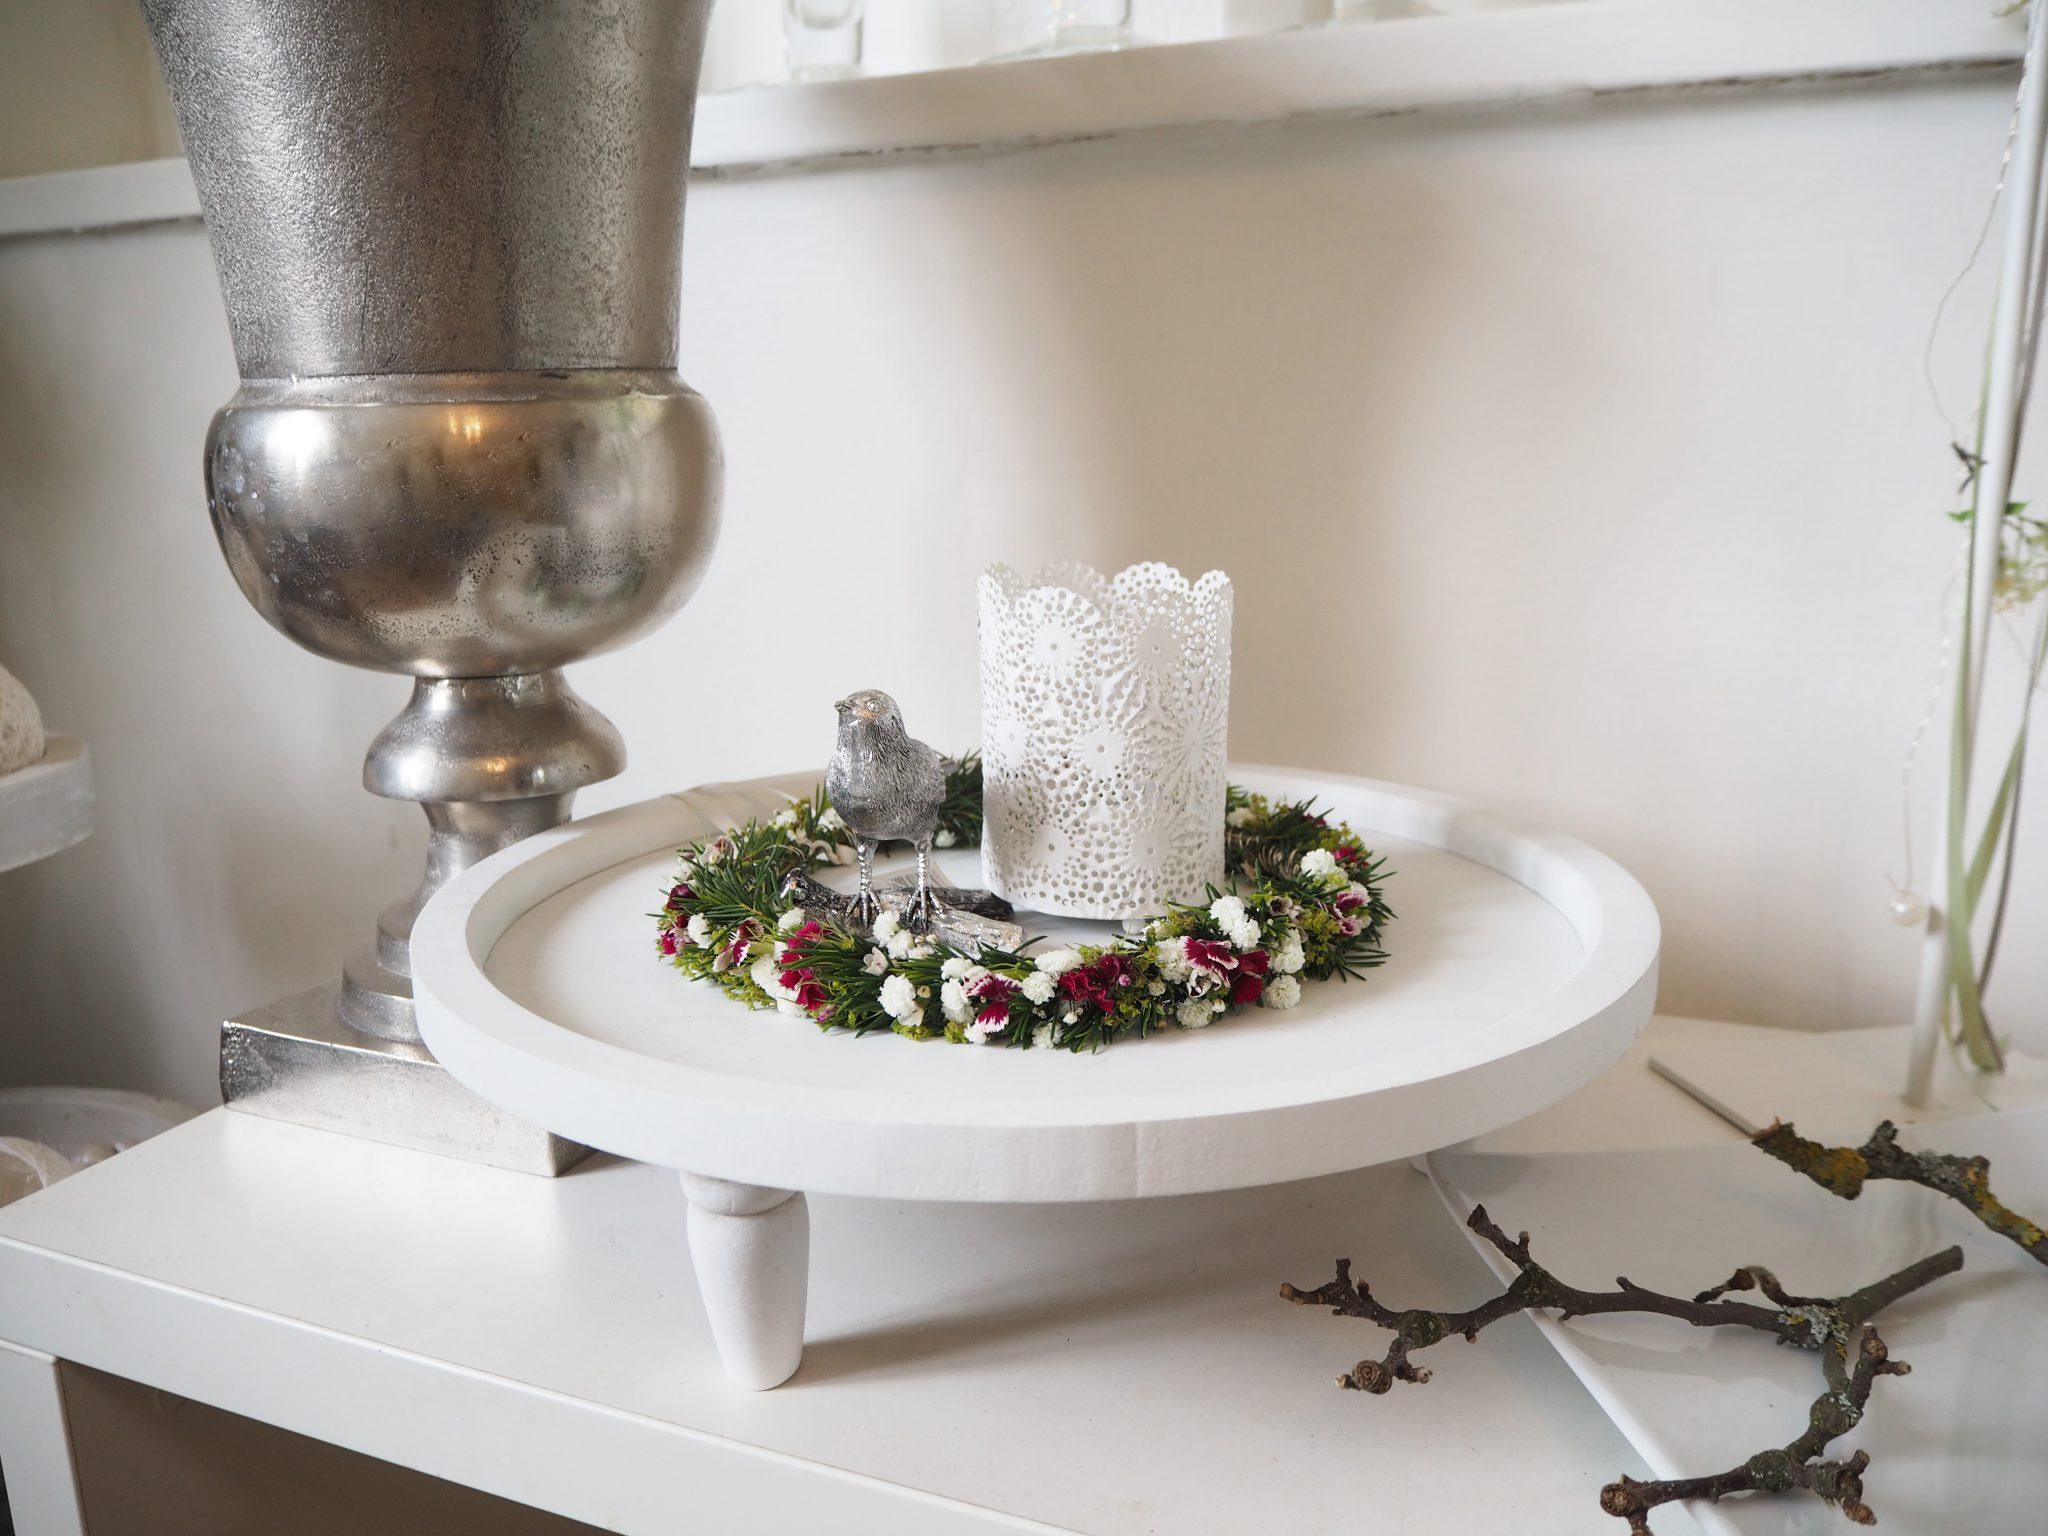 DIY Blumenkranz mit Sintre | Sintre